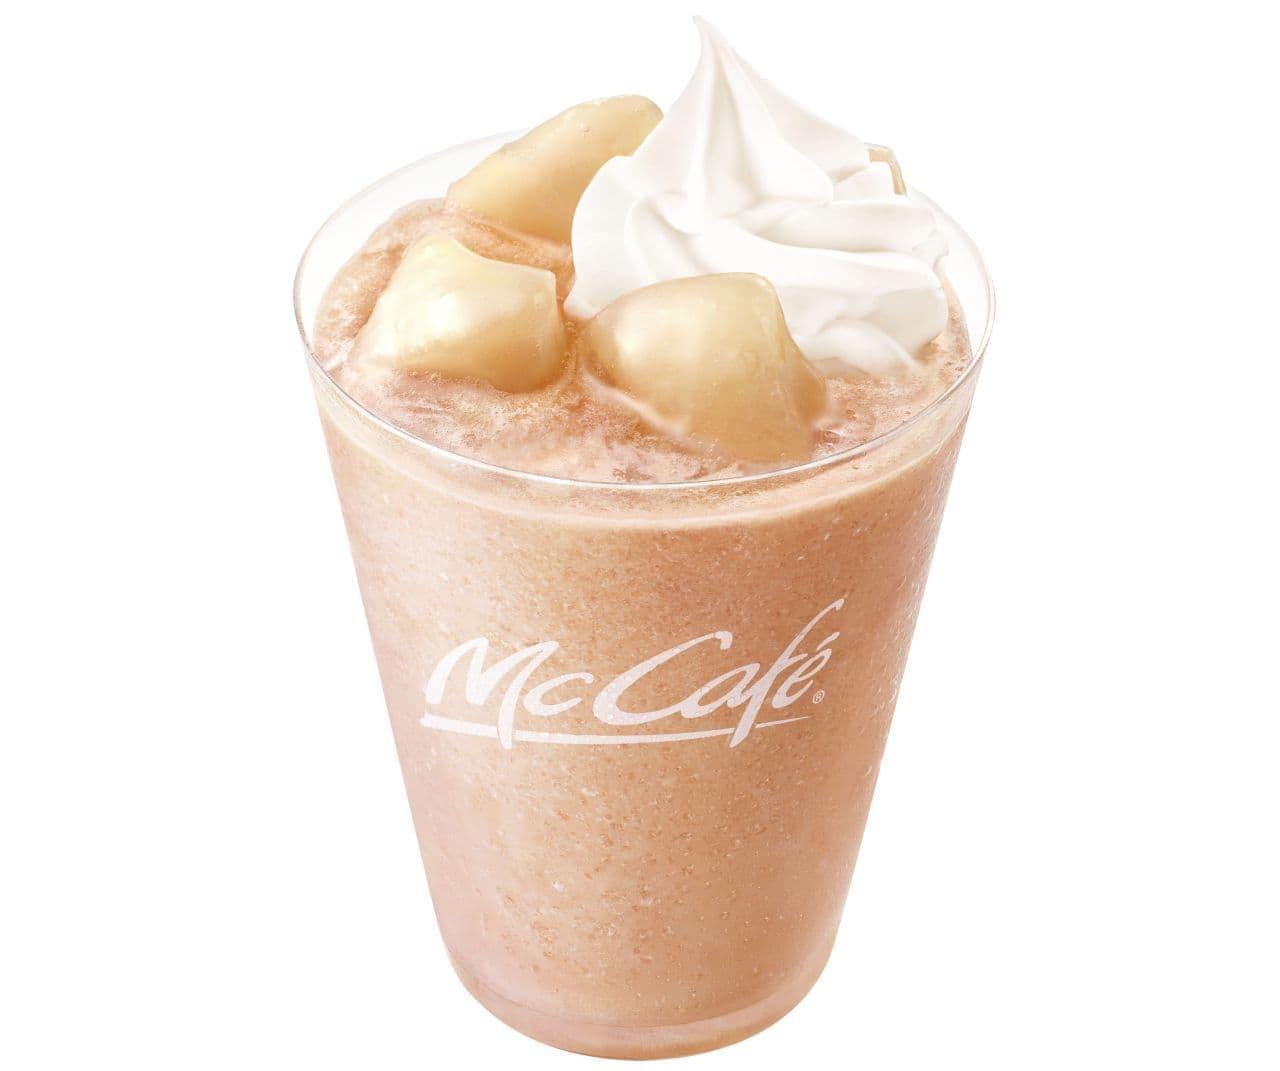 マクドナルドのマックカフェ「ふわふわ もものクリーミーフラッペ」